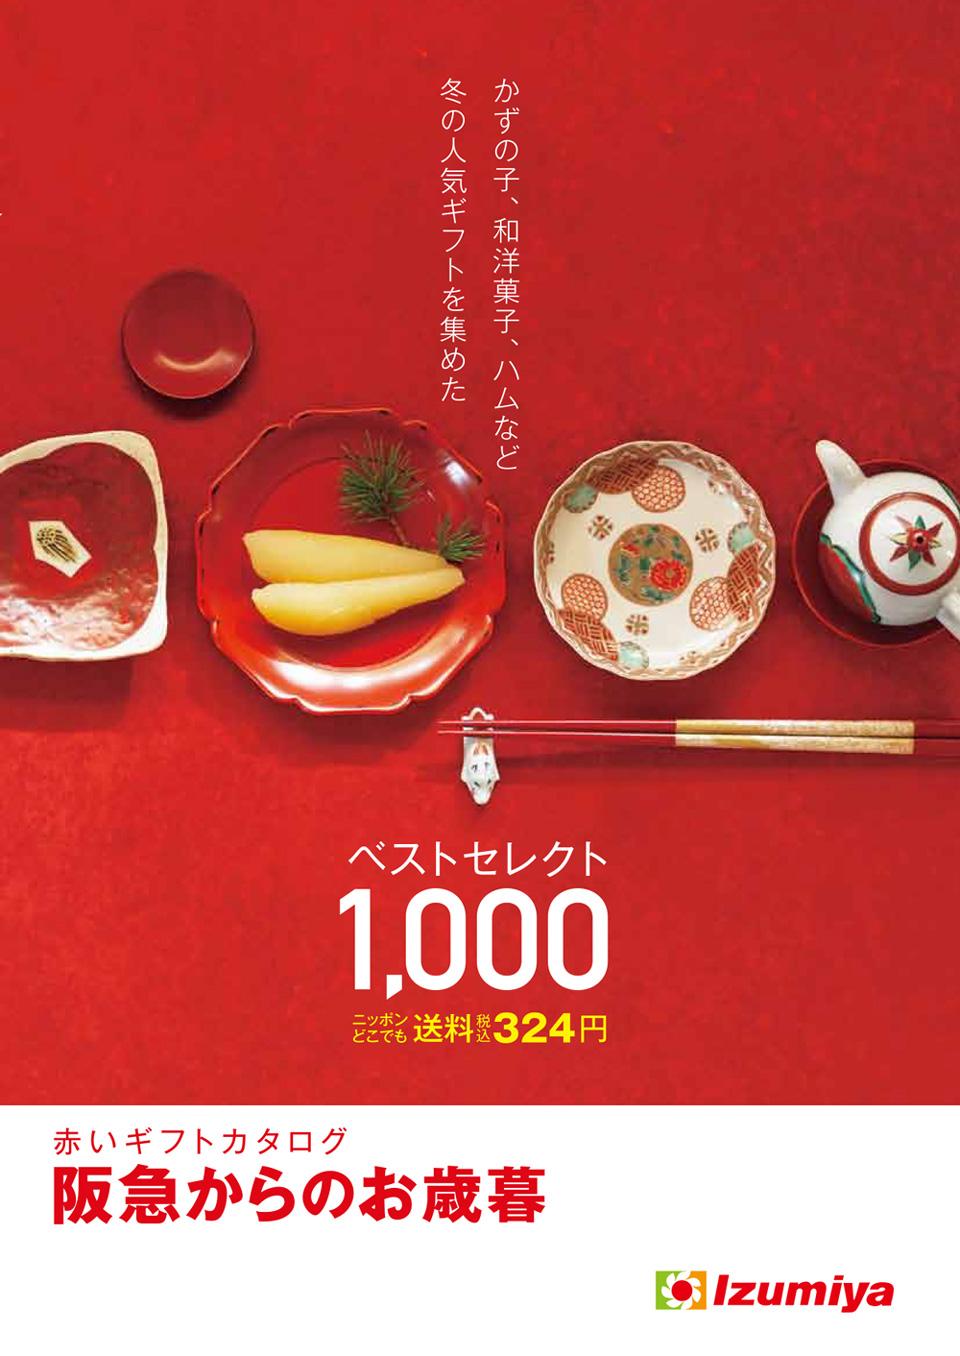 阪急からのお歳暮 赤いギフトカタログ